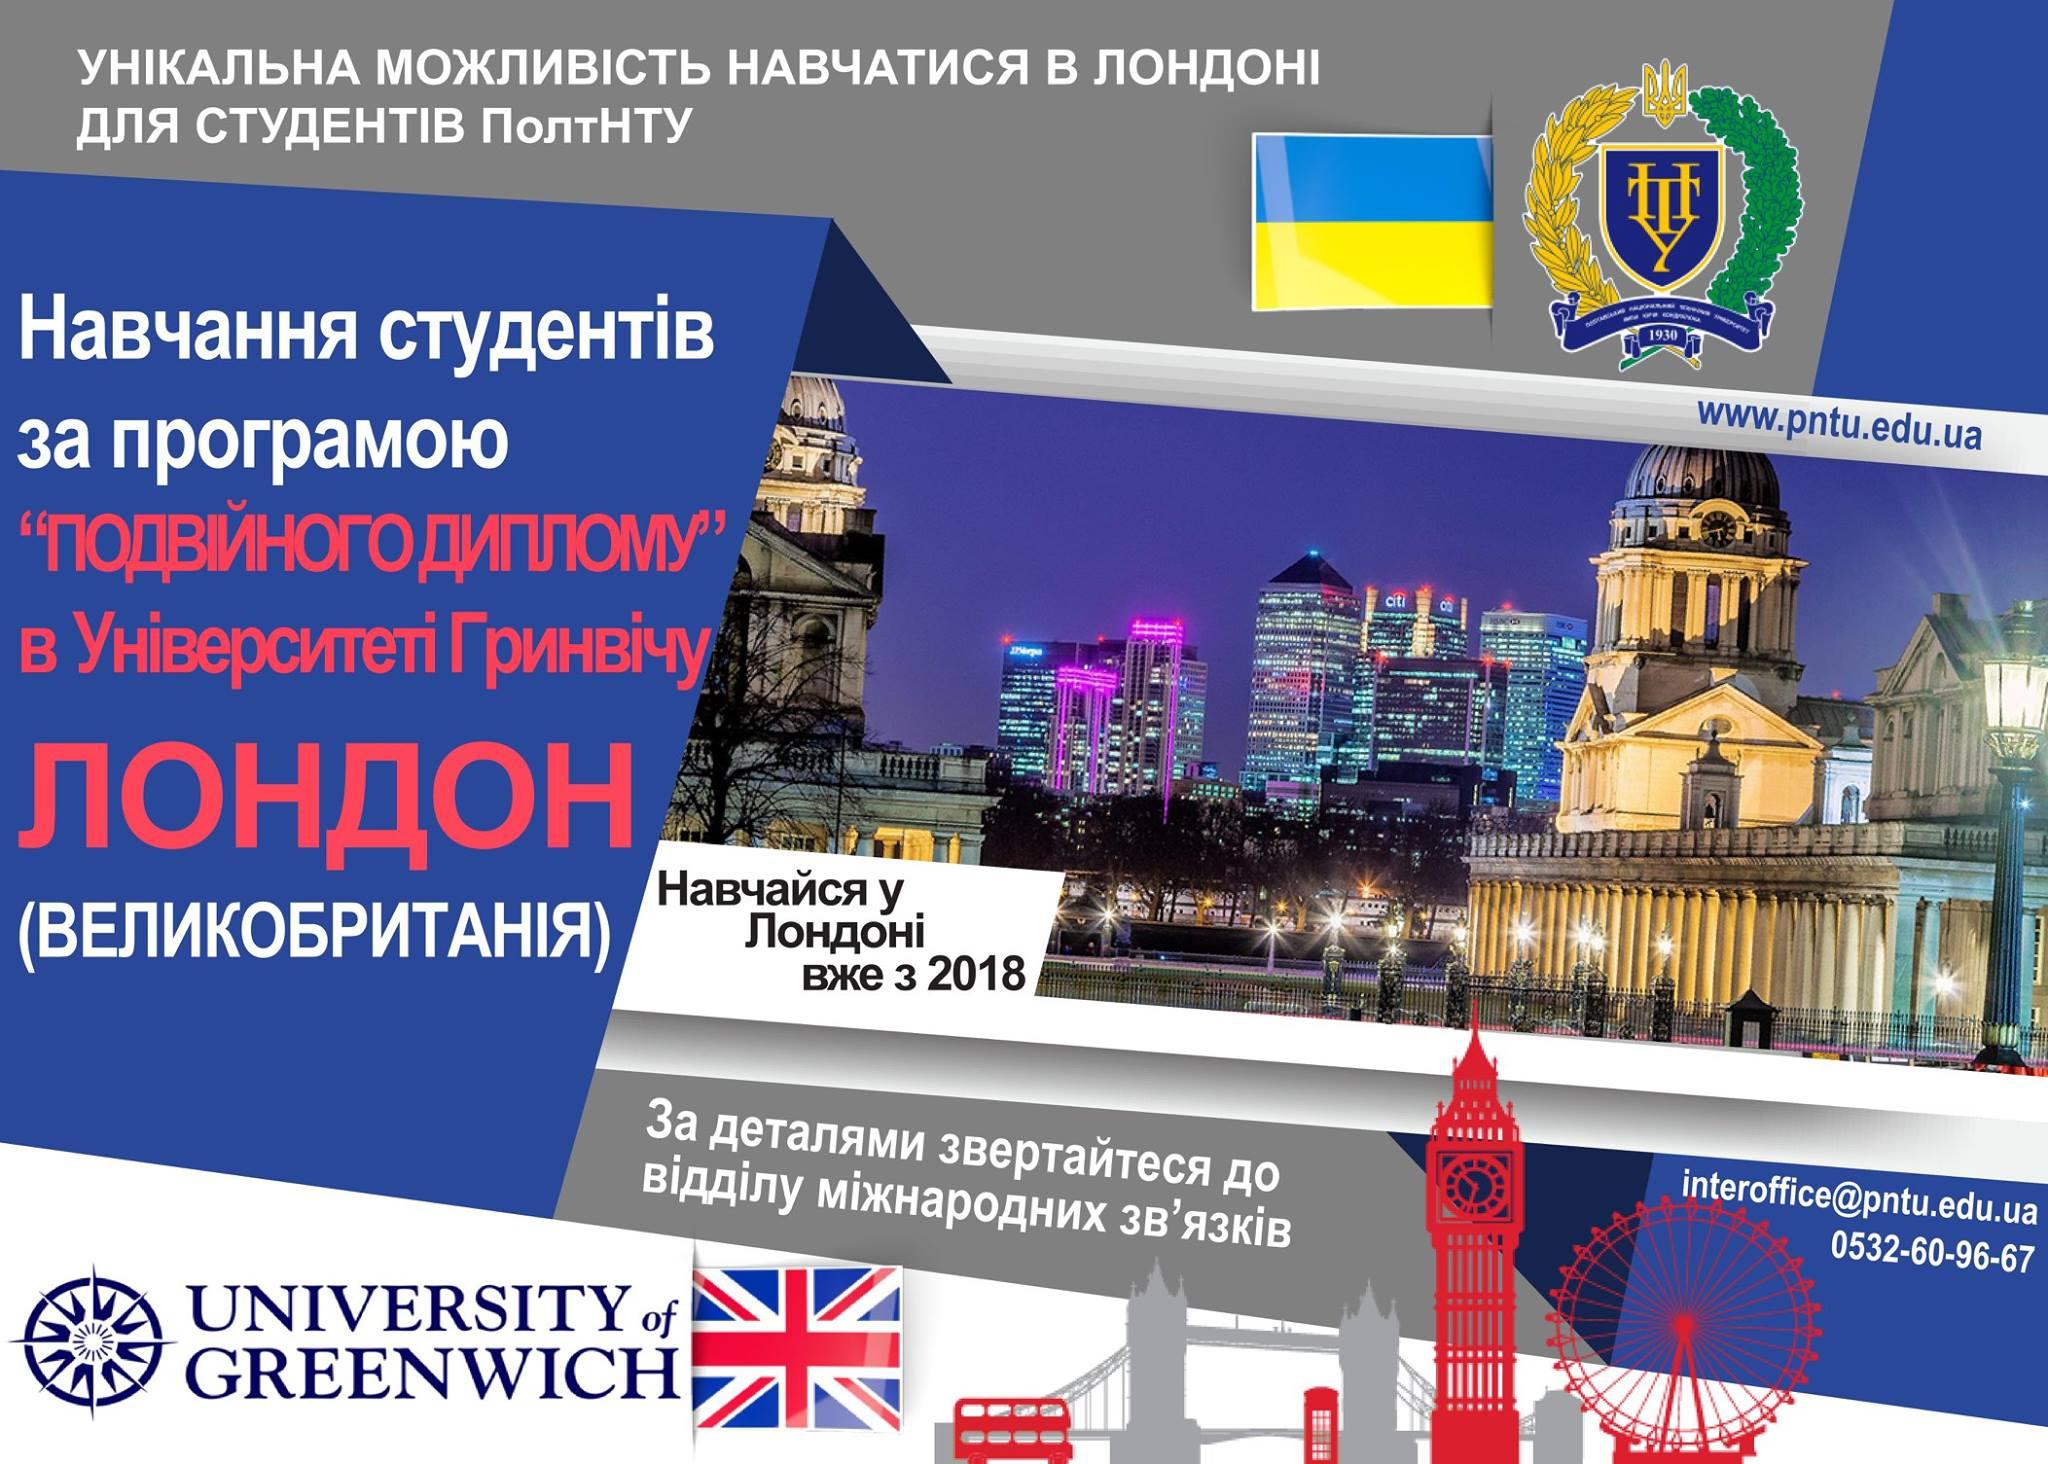 """Унікальна можливість навчатися в Лондоні (Великобританія) за програмою """"подвійного"""" диплому для студентів ПолтНТУ!"""